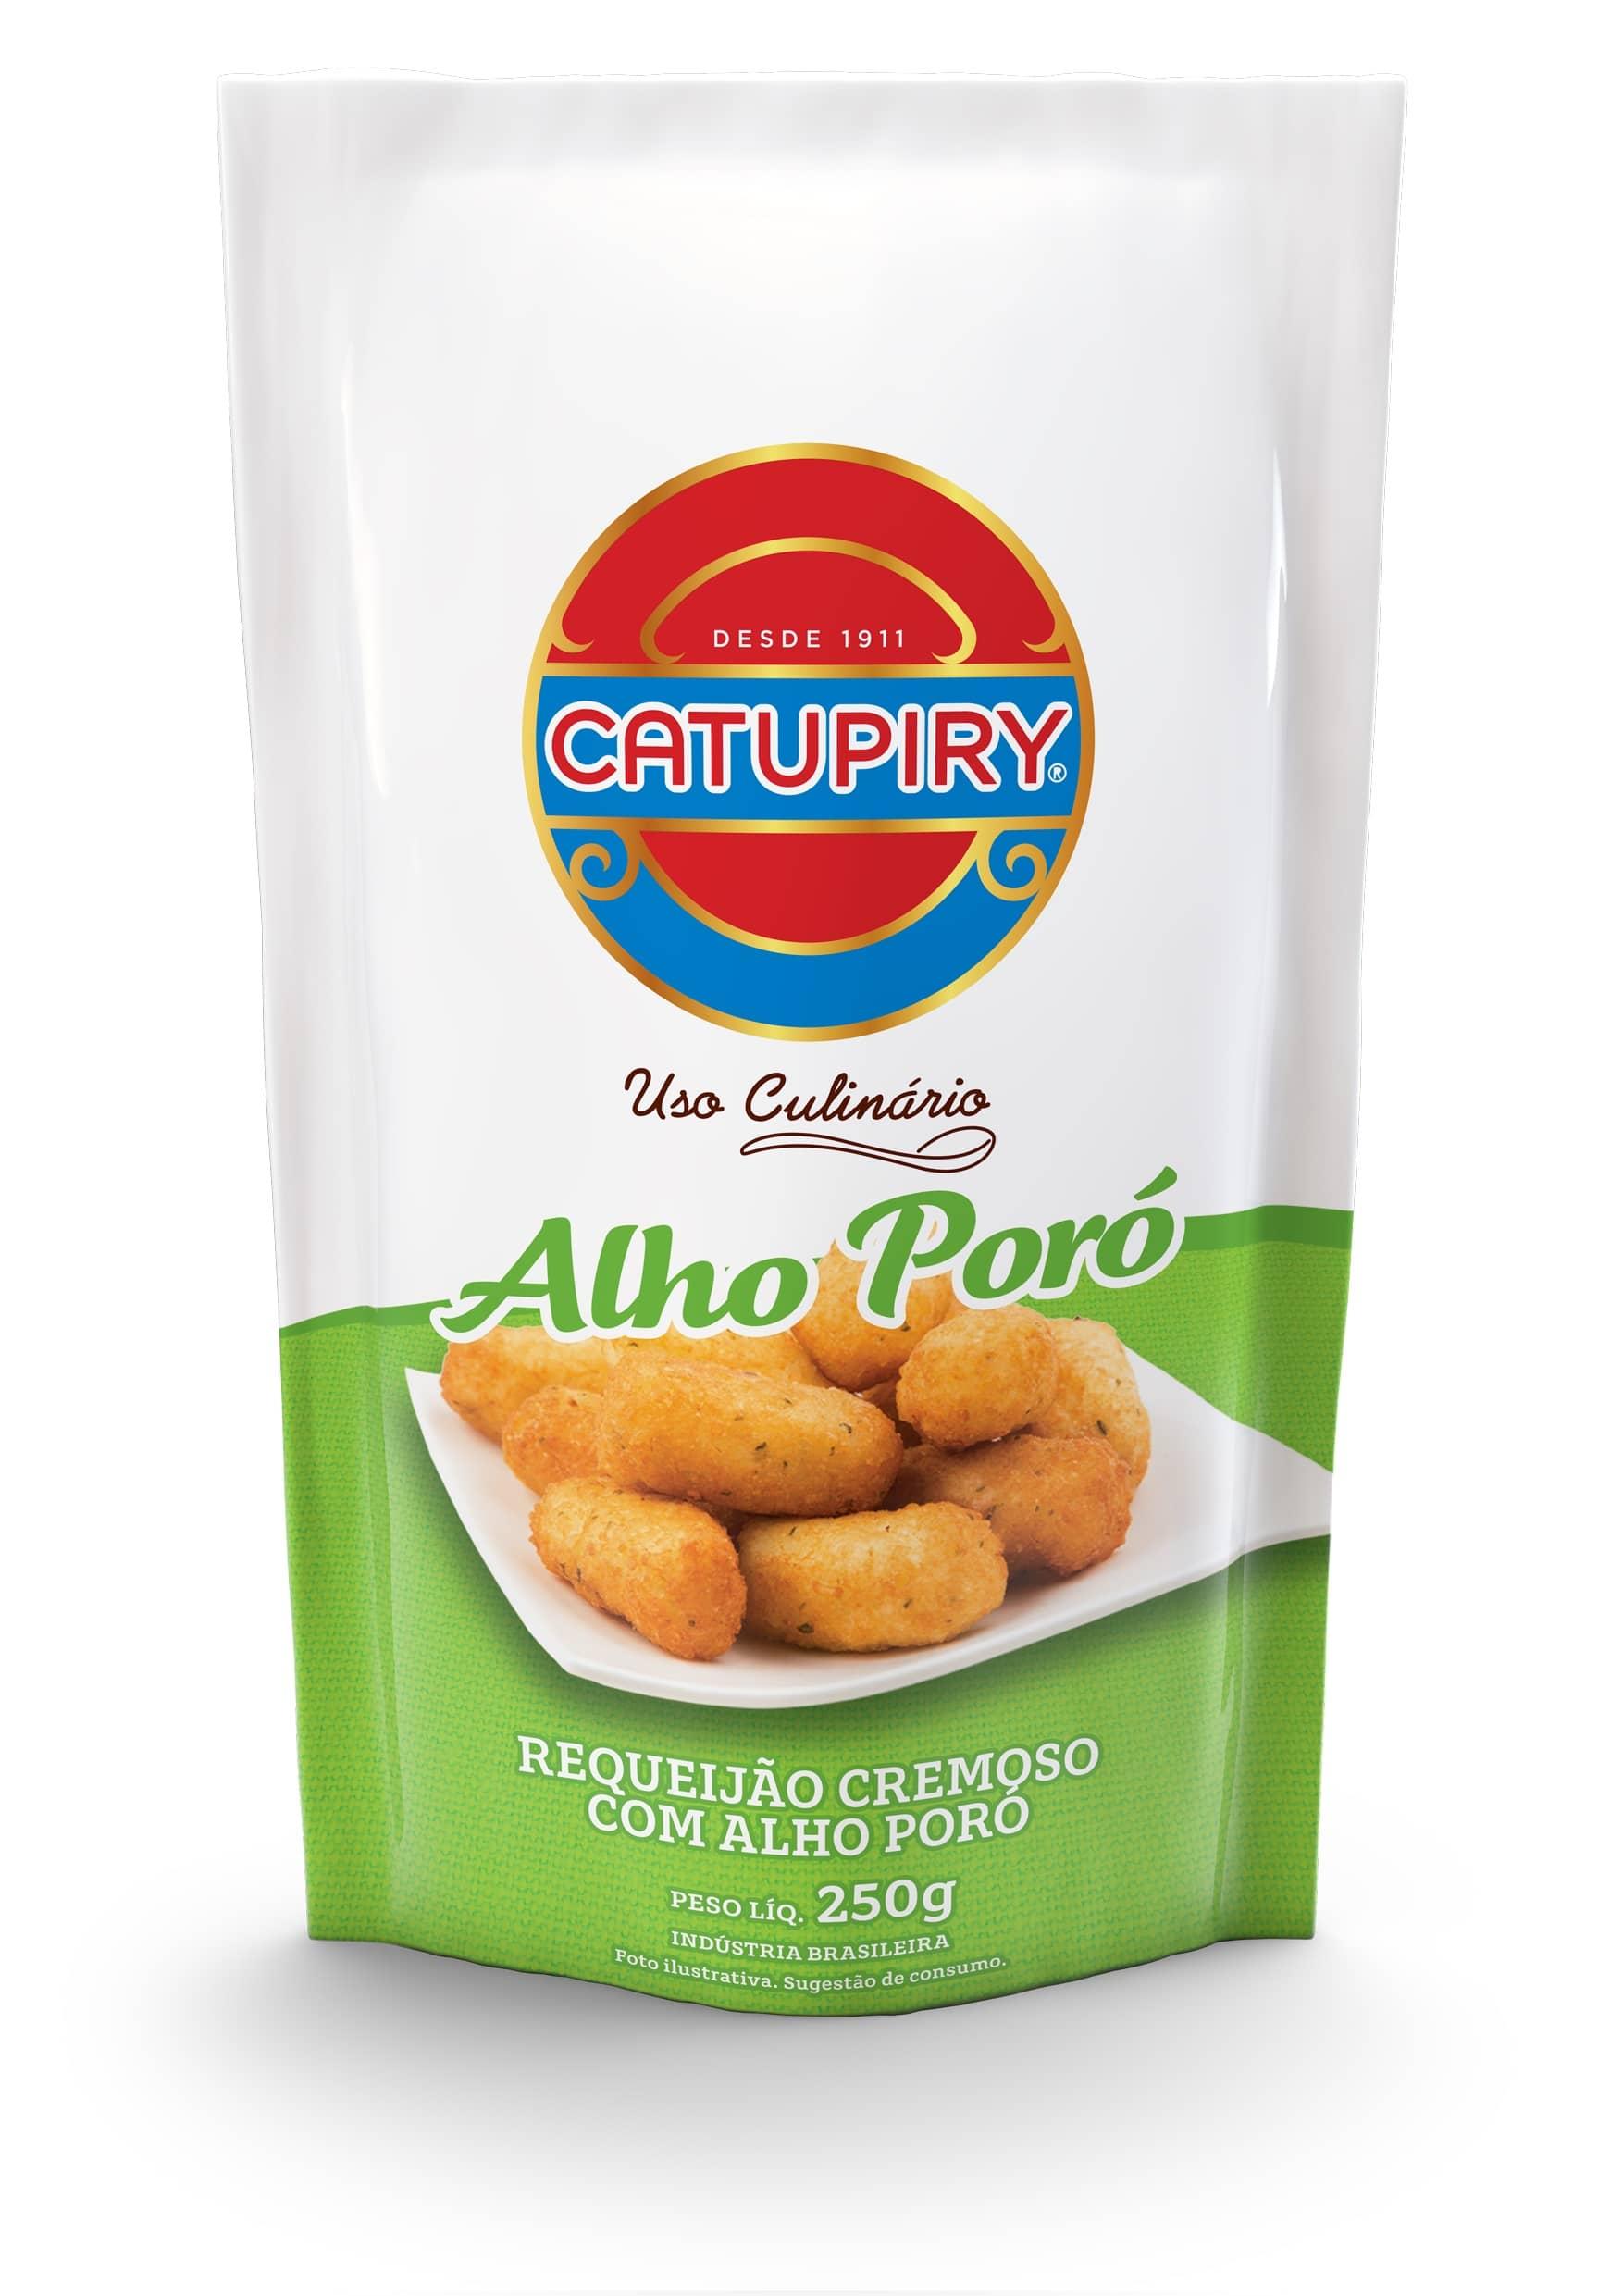 271039_563218_catupiry_linha_culinaria___alho_poro